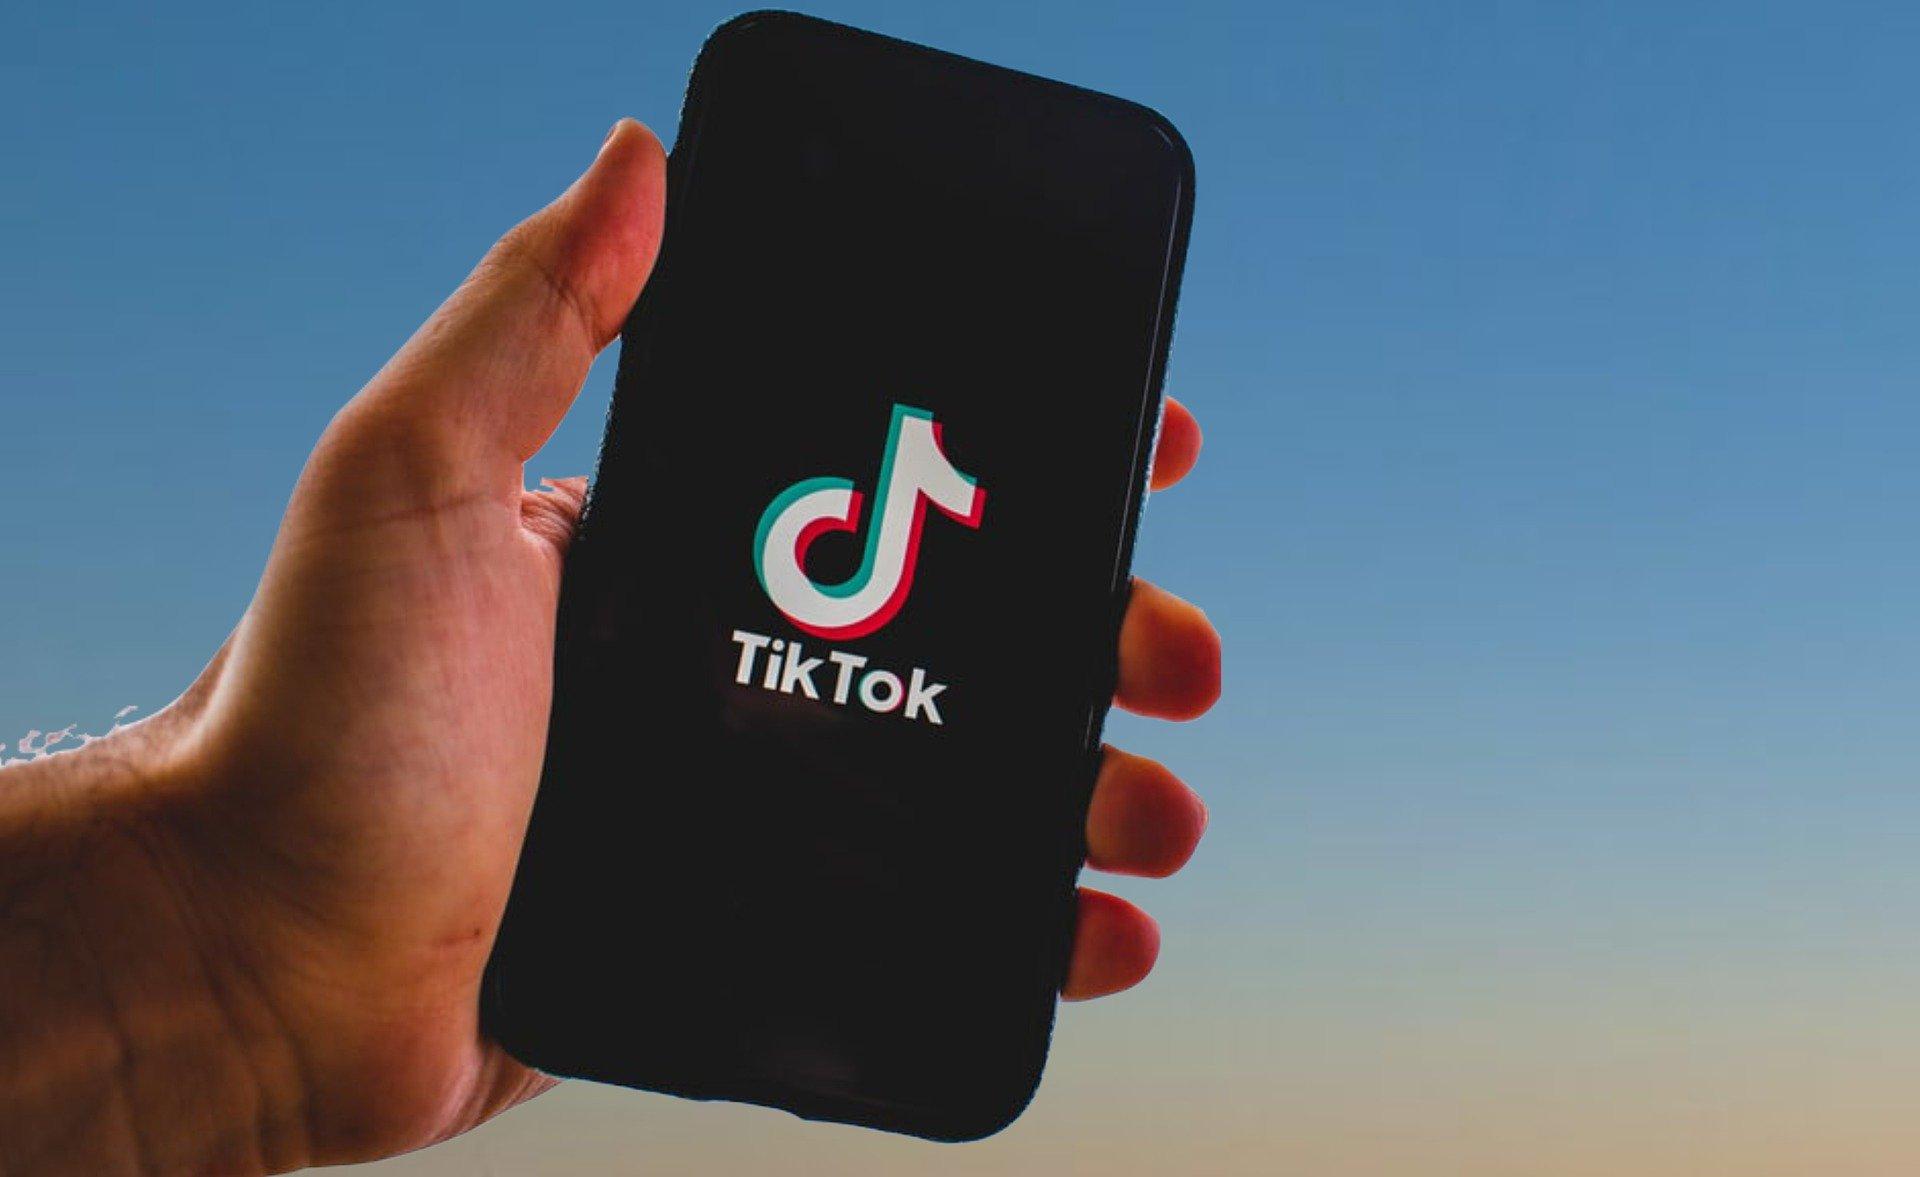 TikTok : un potentiel rachat par Microsoft aux allures de chantage selon vous